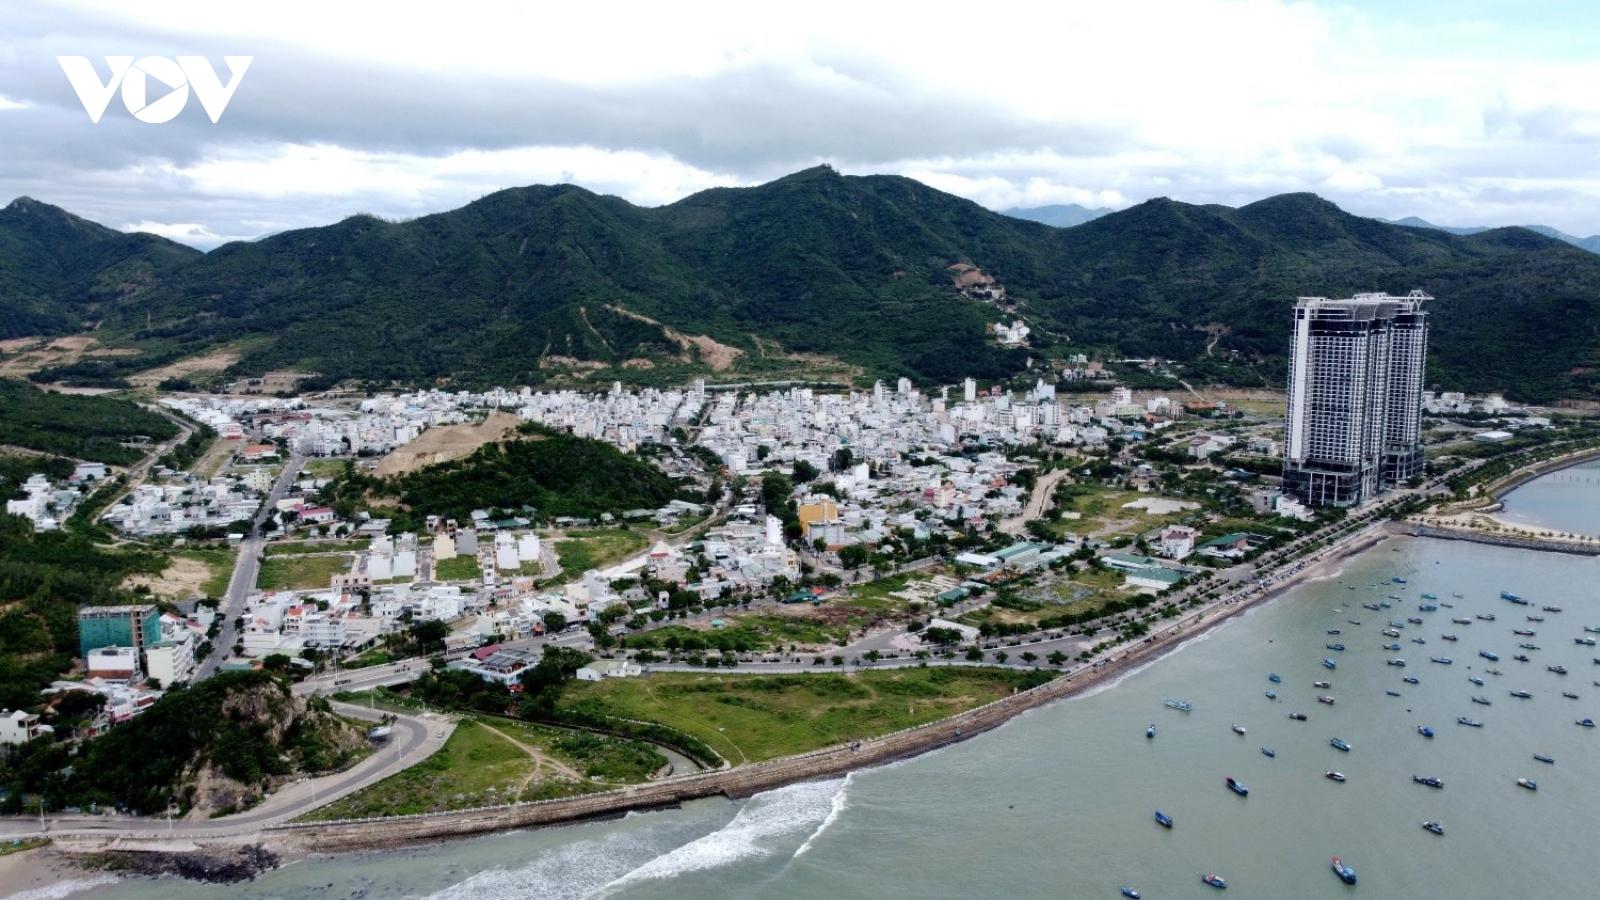 Chống sạt lở, Khánh Hòa sẽ đối chiếu bản đồ địa chất khi cấp phép dự án